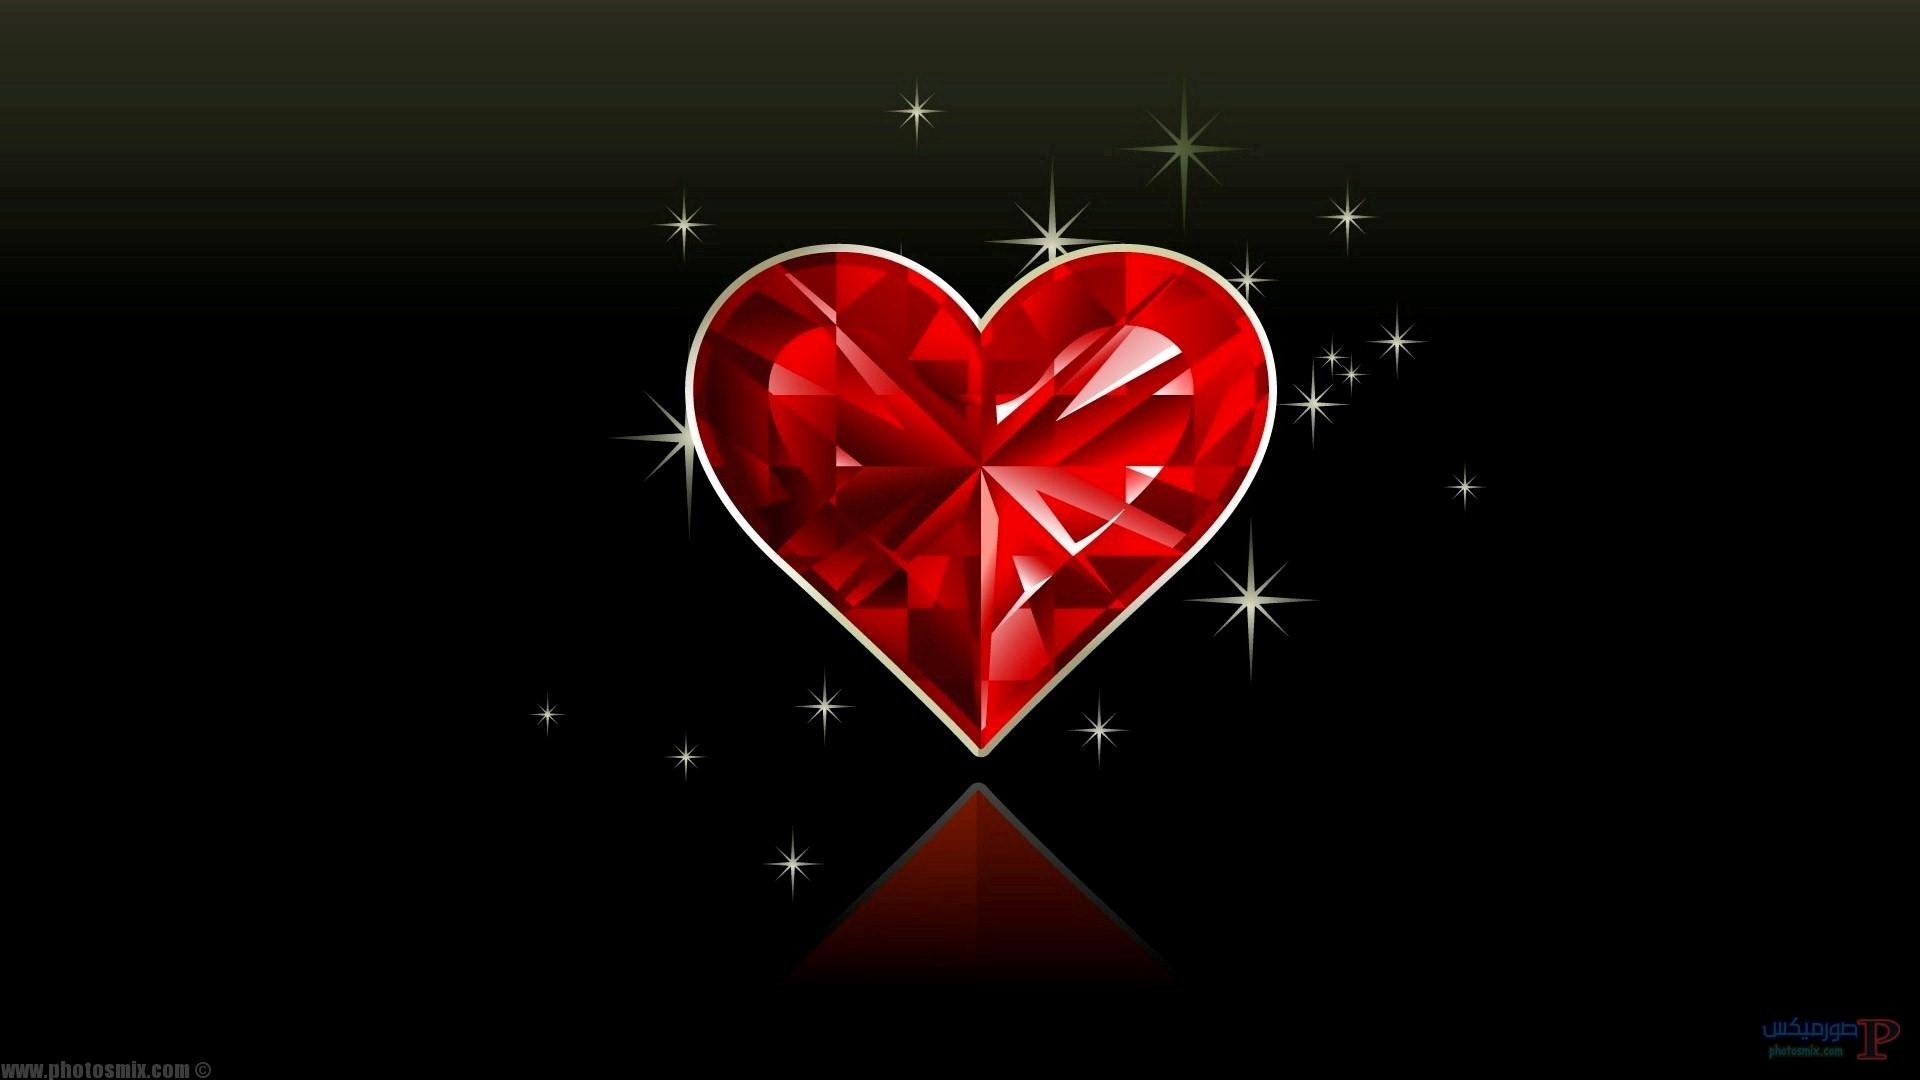 -قلوب-وورد-6 صور قلوب رومانسية, احلي قلوب حب وورد 2018, صور قلوب مجروحة